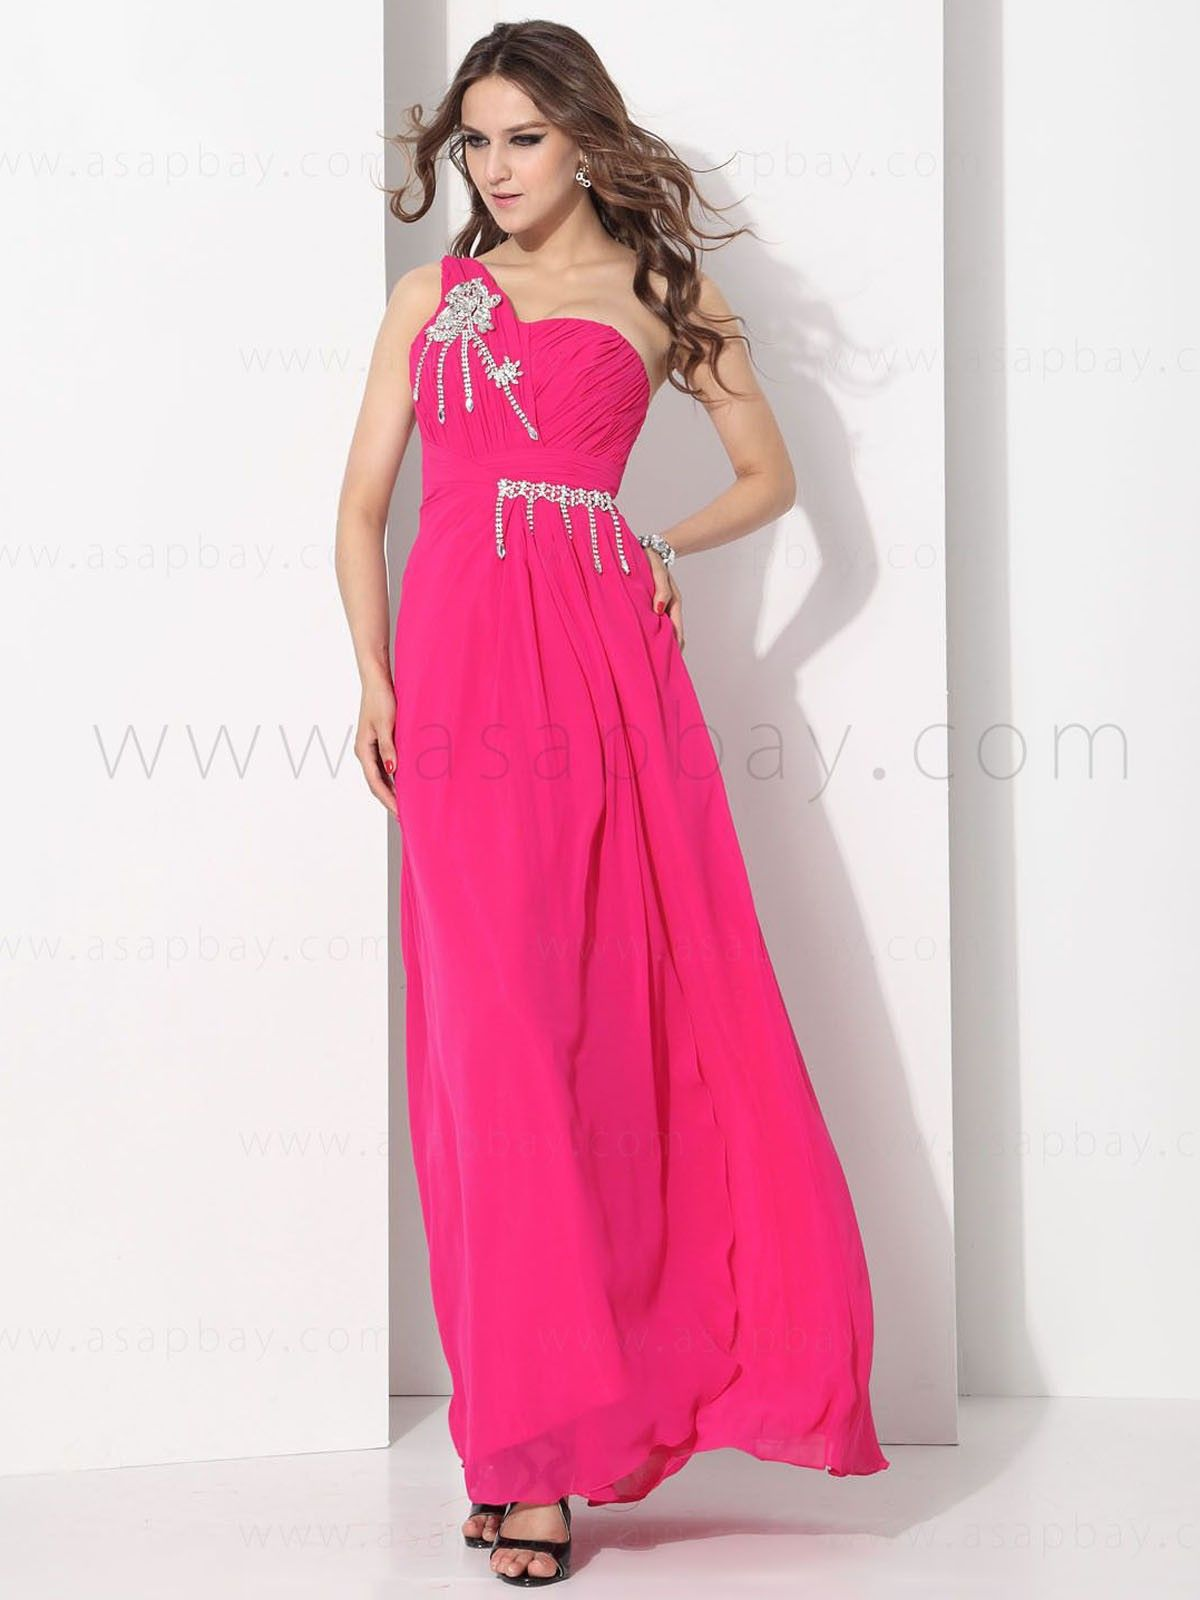 Chiffon Pink Christmas Party Dresses Price $125.99 #asapbay ...